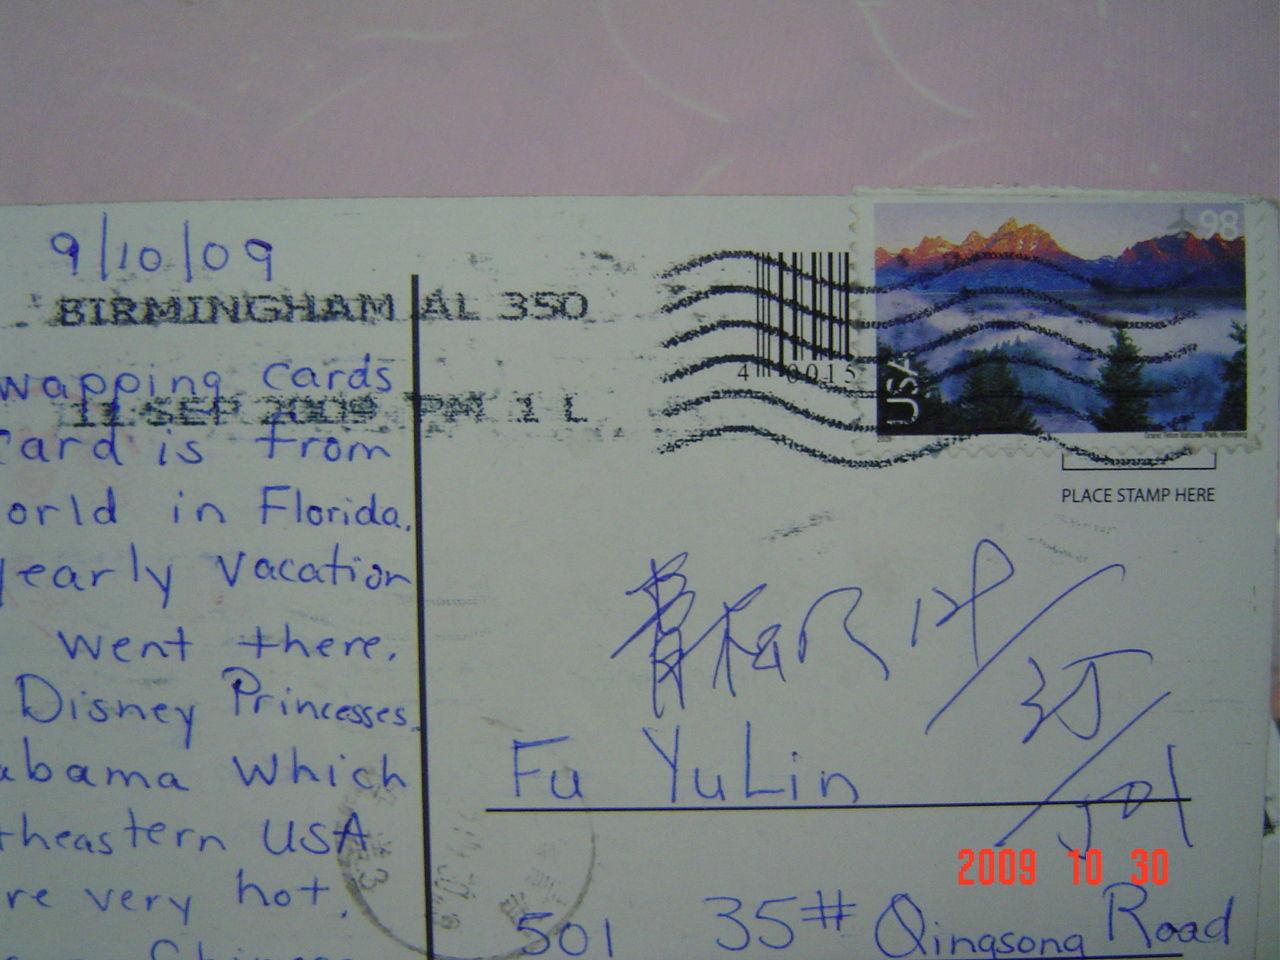 美国寄明信片地址格式